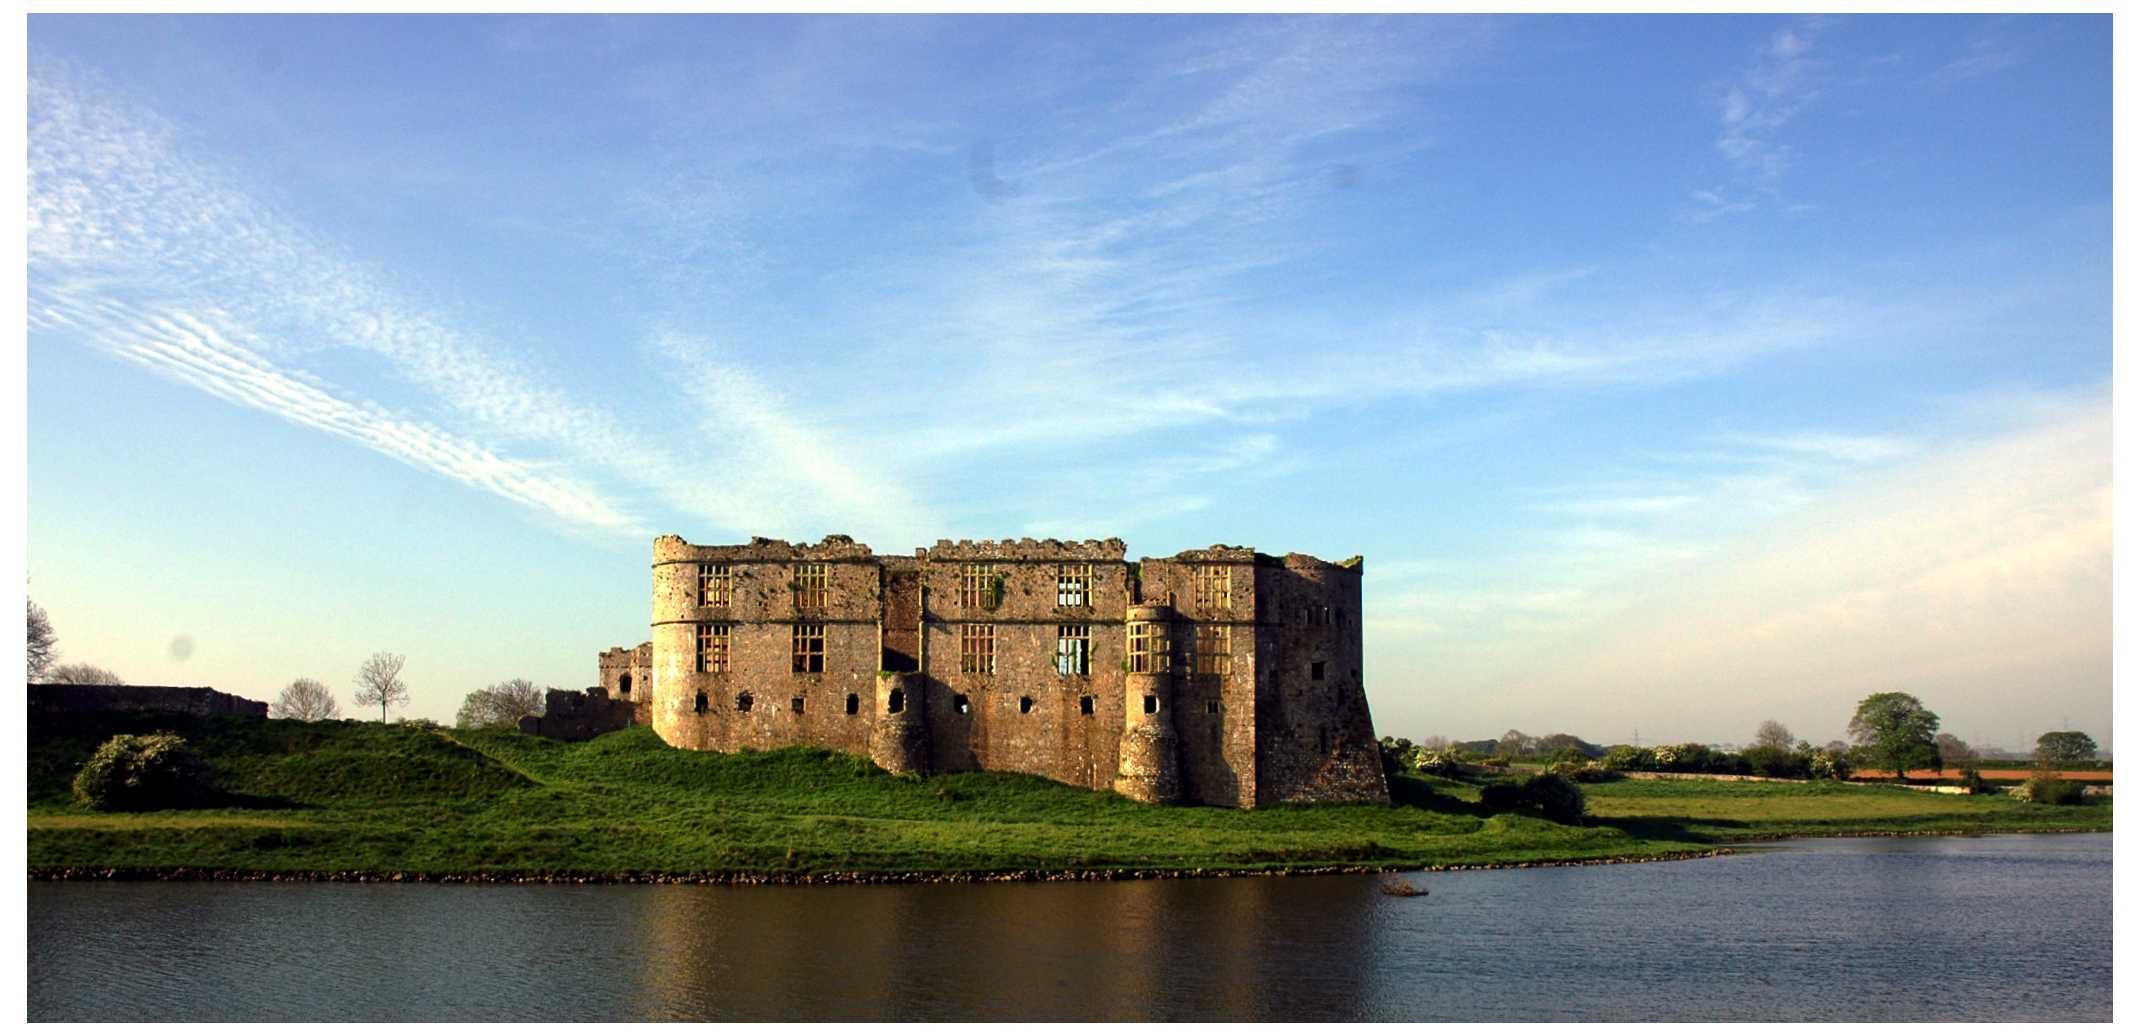 Carew Castle - A-levels